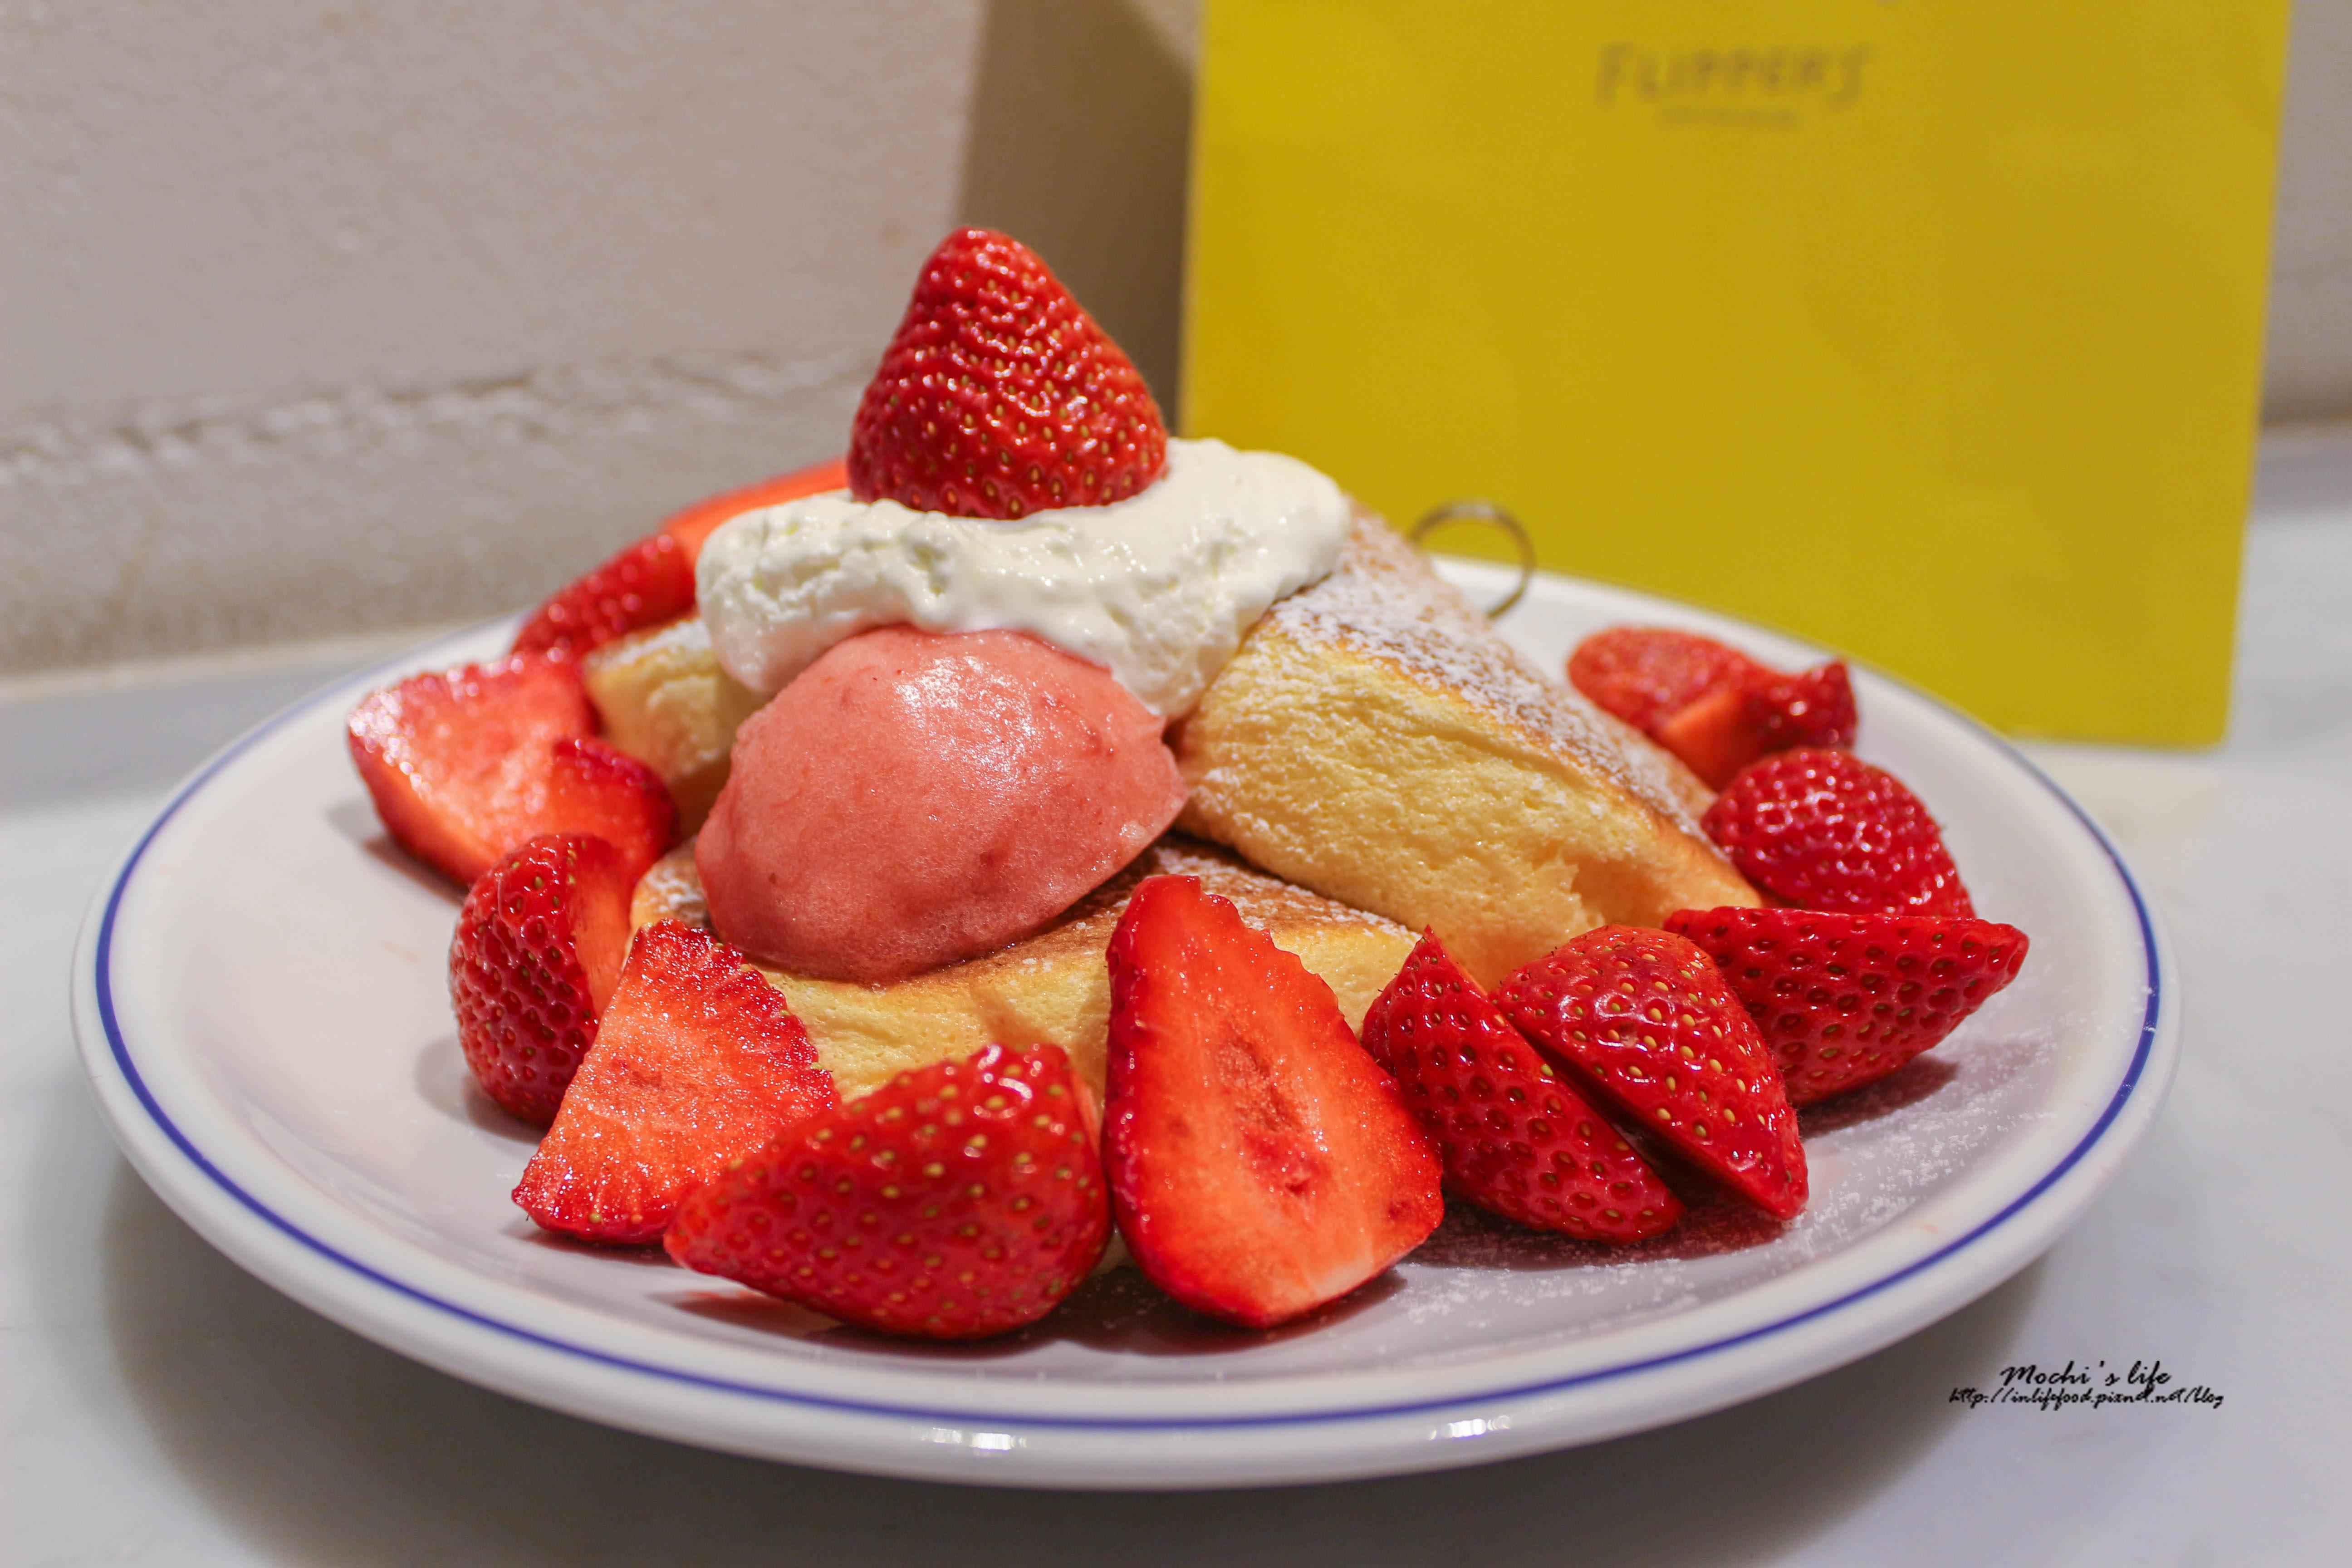 東京鬆餅推薦|推推!比Bills好吃的奇蹟舒芙蕾鬆餅❤「FLIPPER'S下北澤分店」@地鐵下北澤站